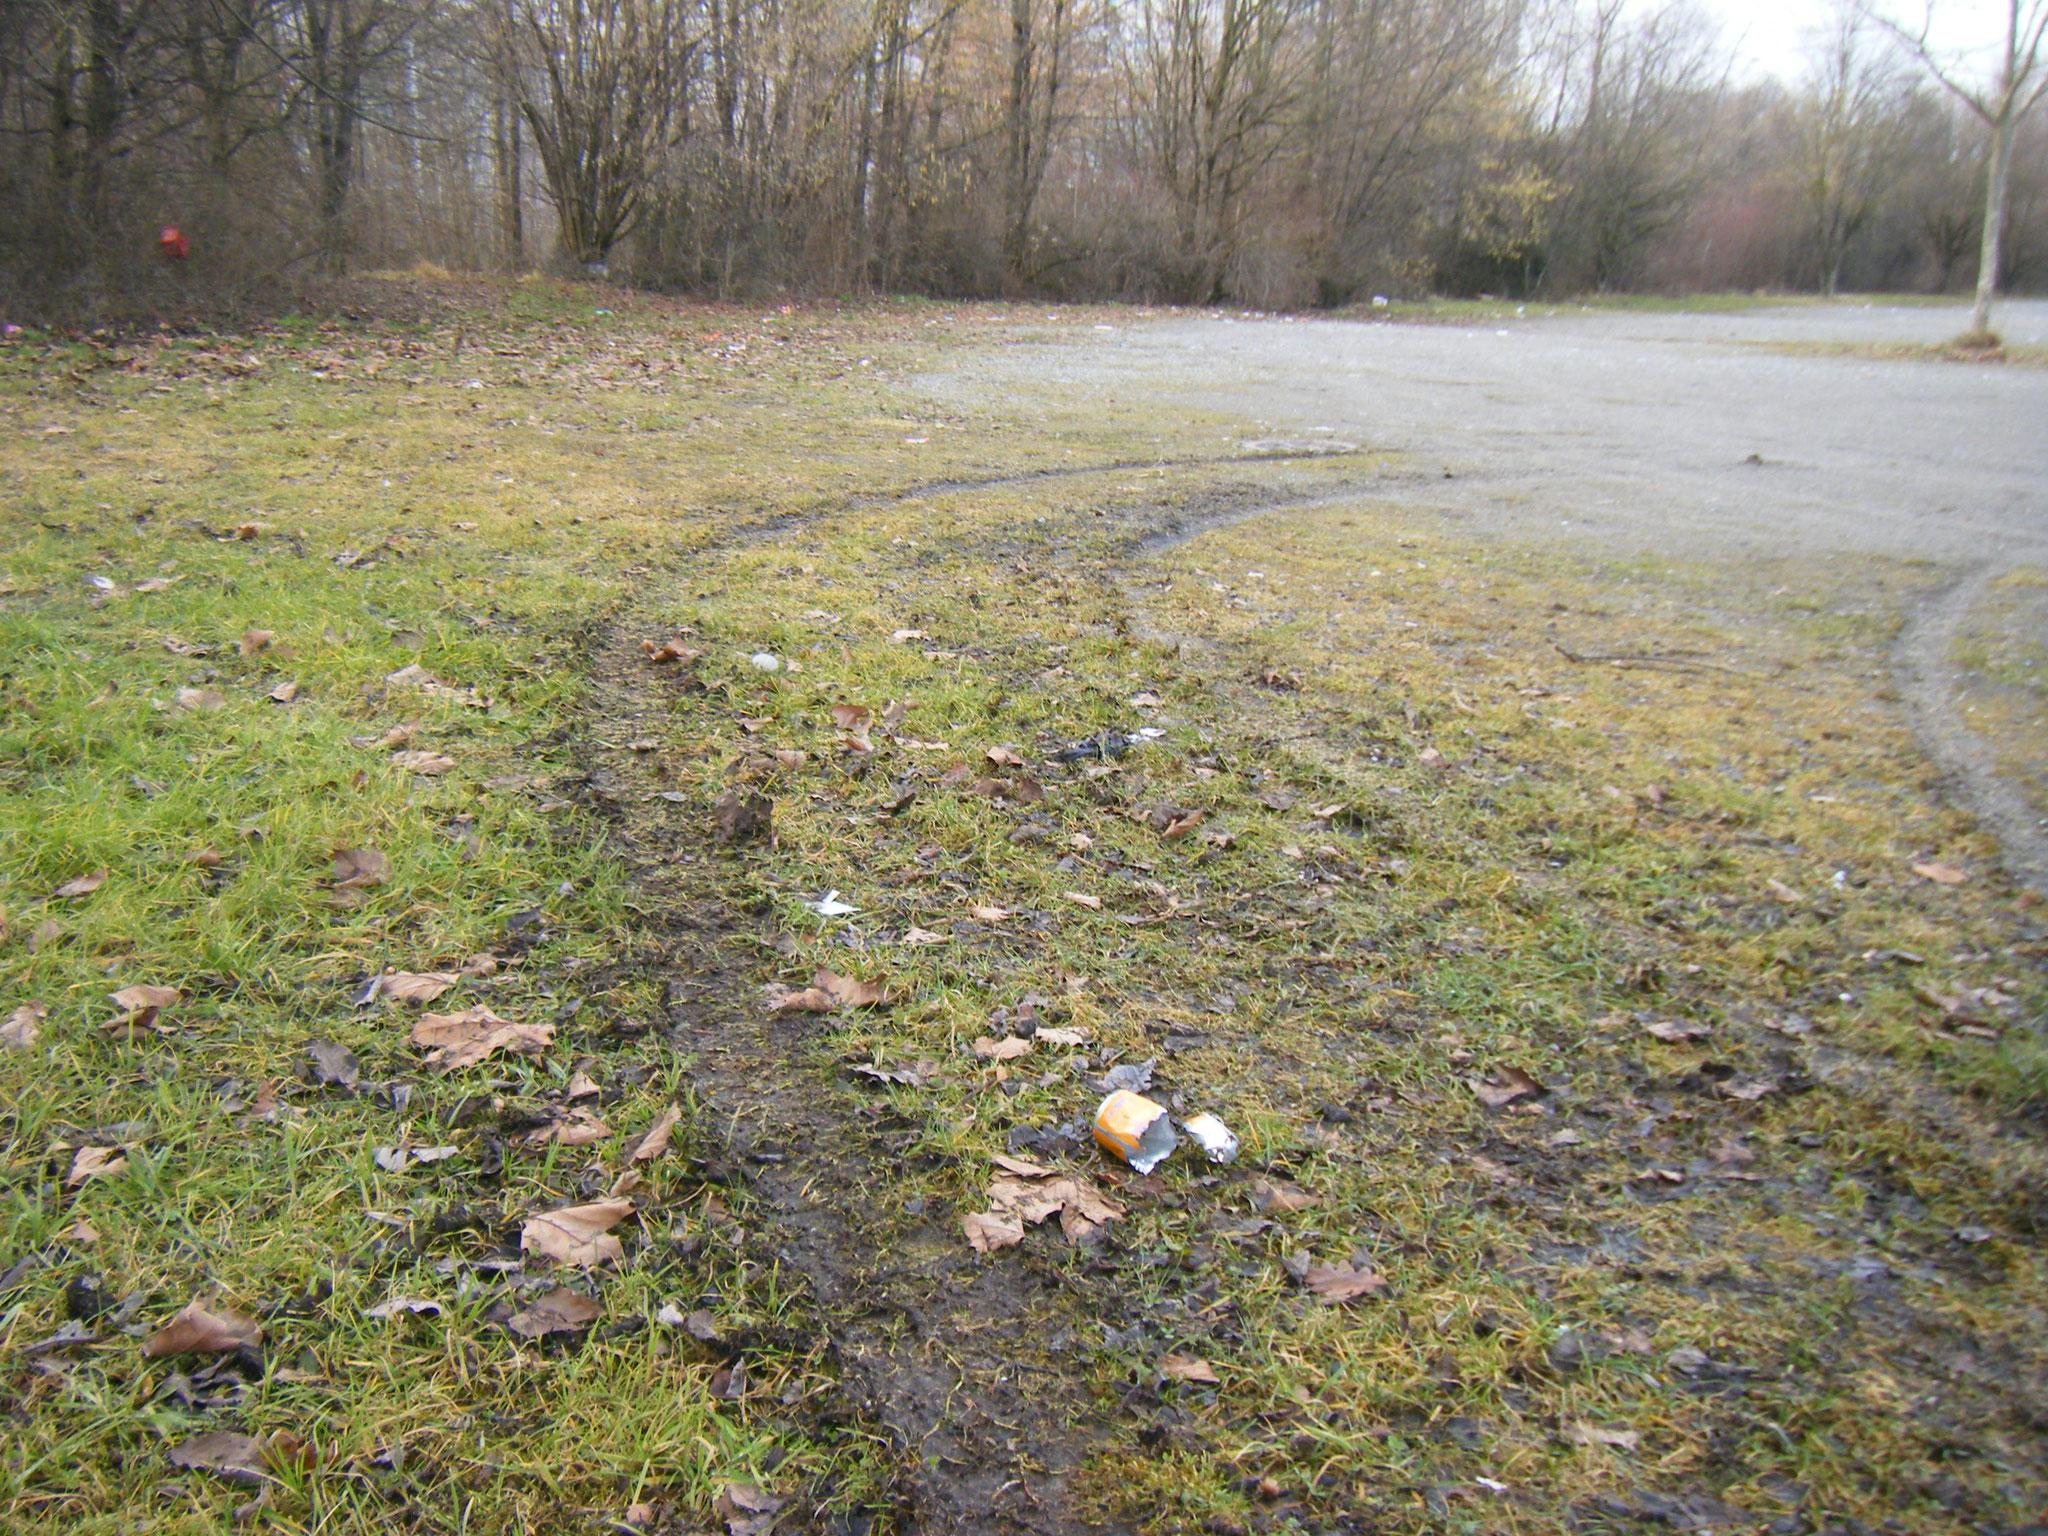 auf der Fläche Hunderte von Müll-Teilen, oft auch schon von Freischneidern geschreddert